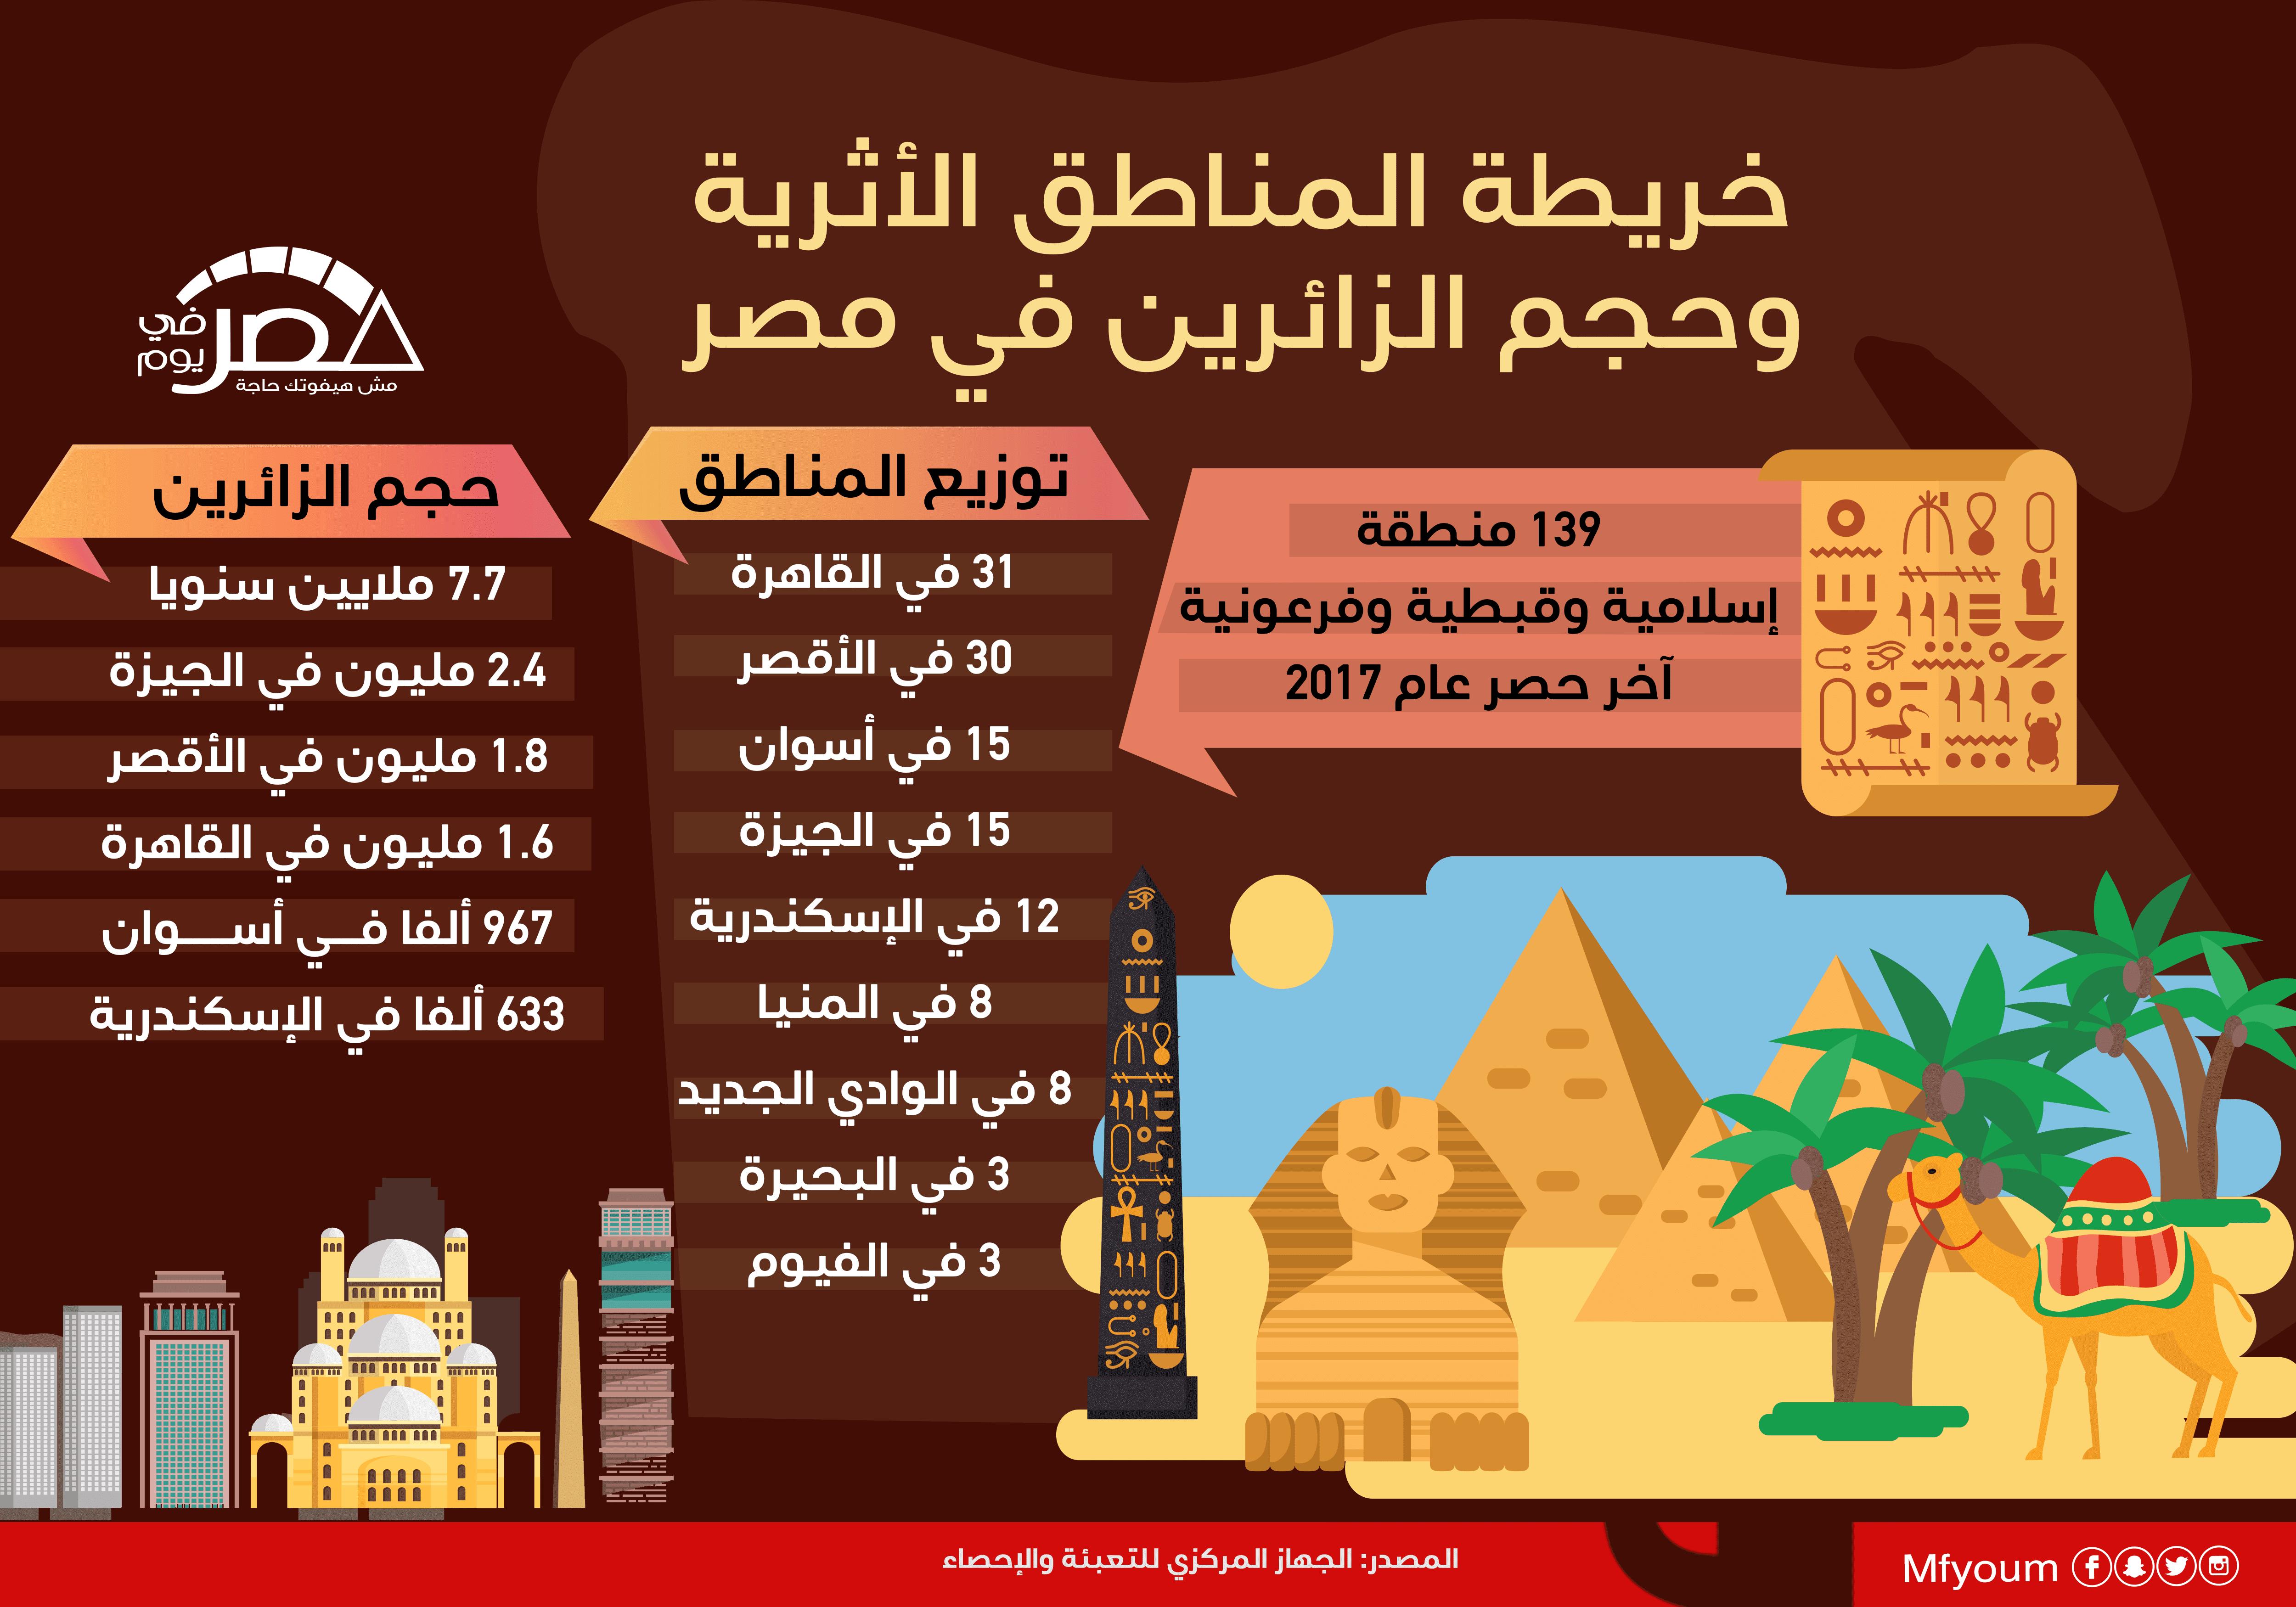 خريطة المناطق الأثرية وحجم الزائرين في مصر (إنفوجراف)